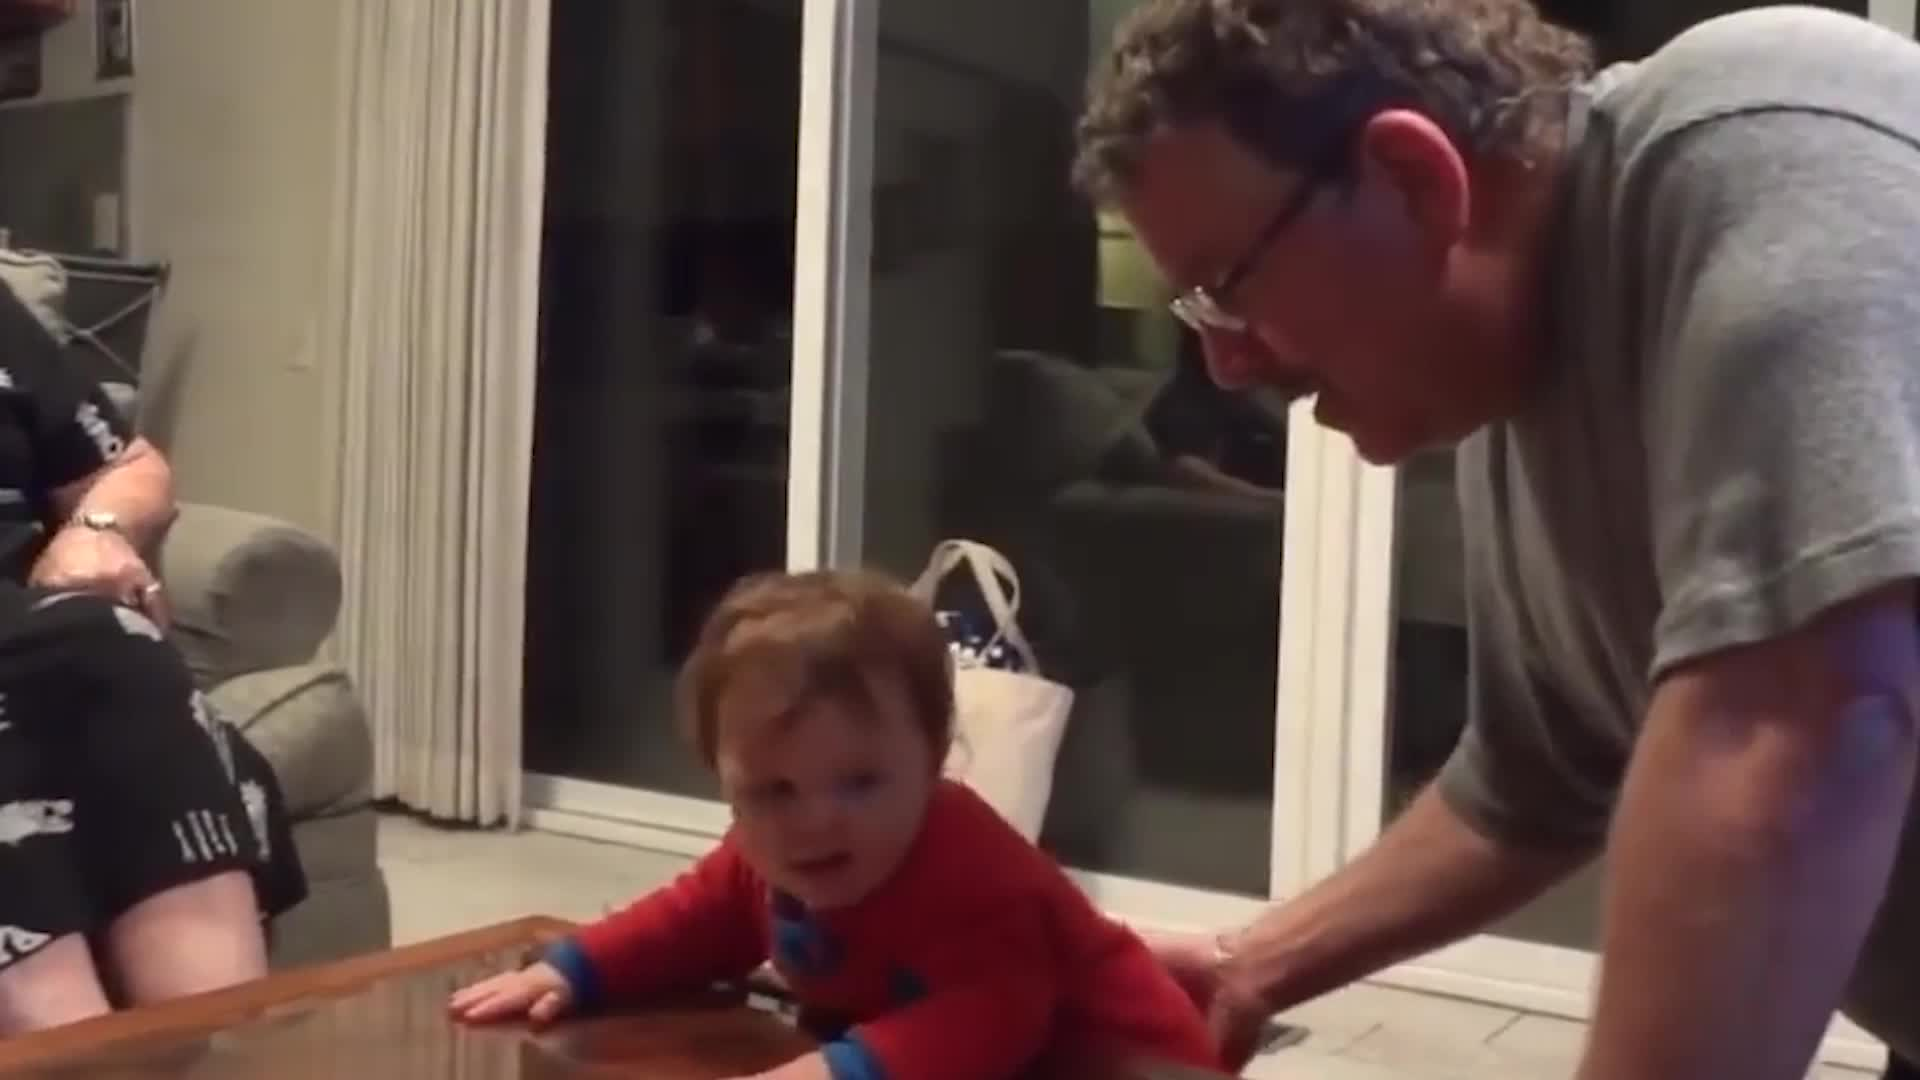 胖宝宝玩自己肚子上的赘肉,小手捏了几把,自己把自己逗乐了